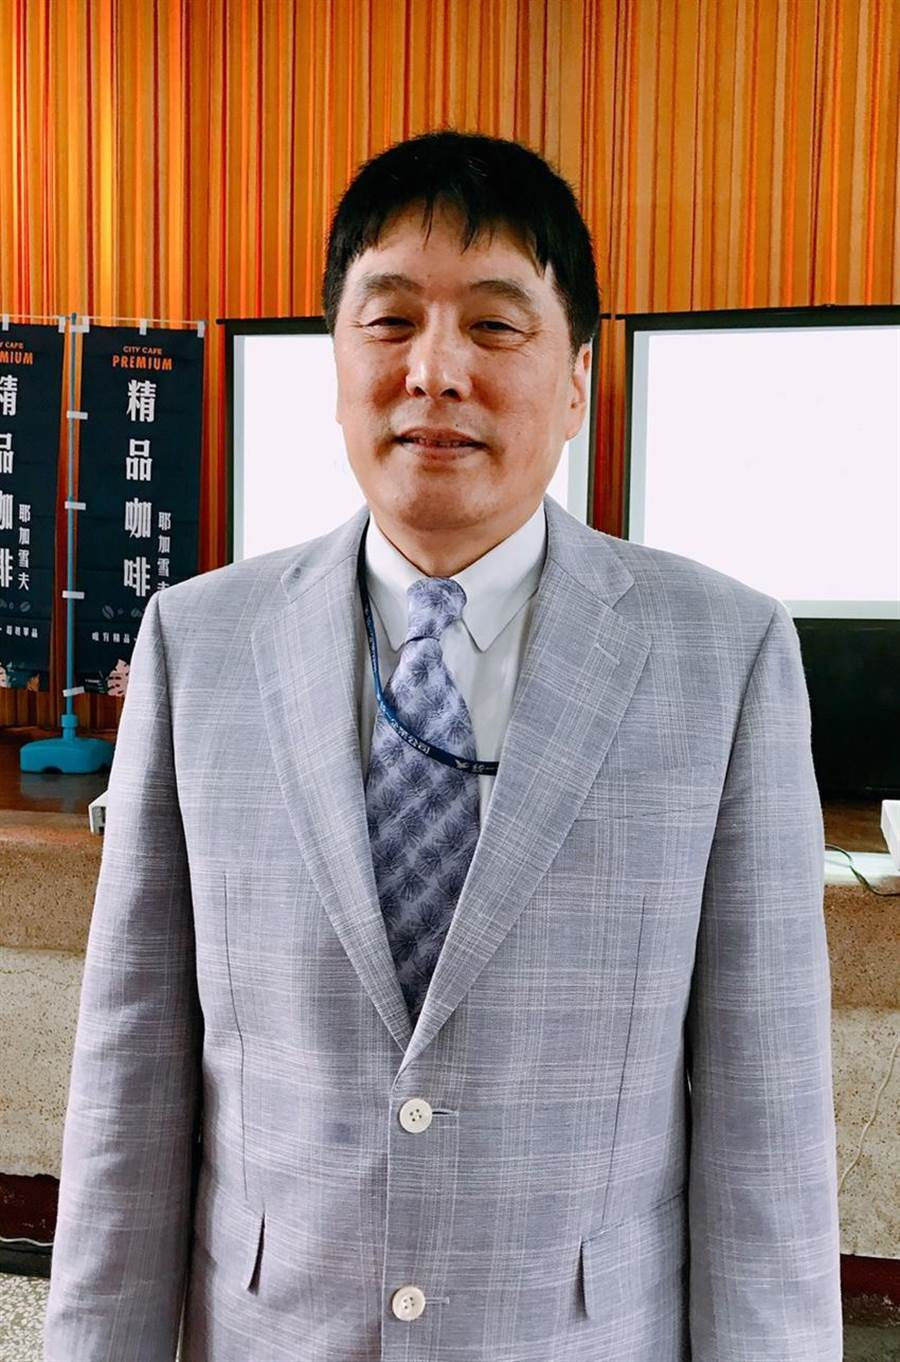 統一集團董事長羅智先今在統一超股東會上,針對媒體提問景氣看法表示意見。圖:劉馥瑜